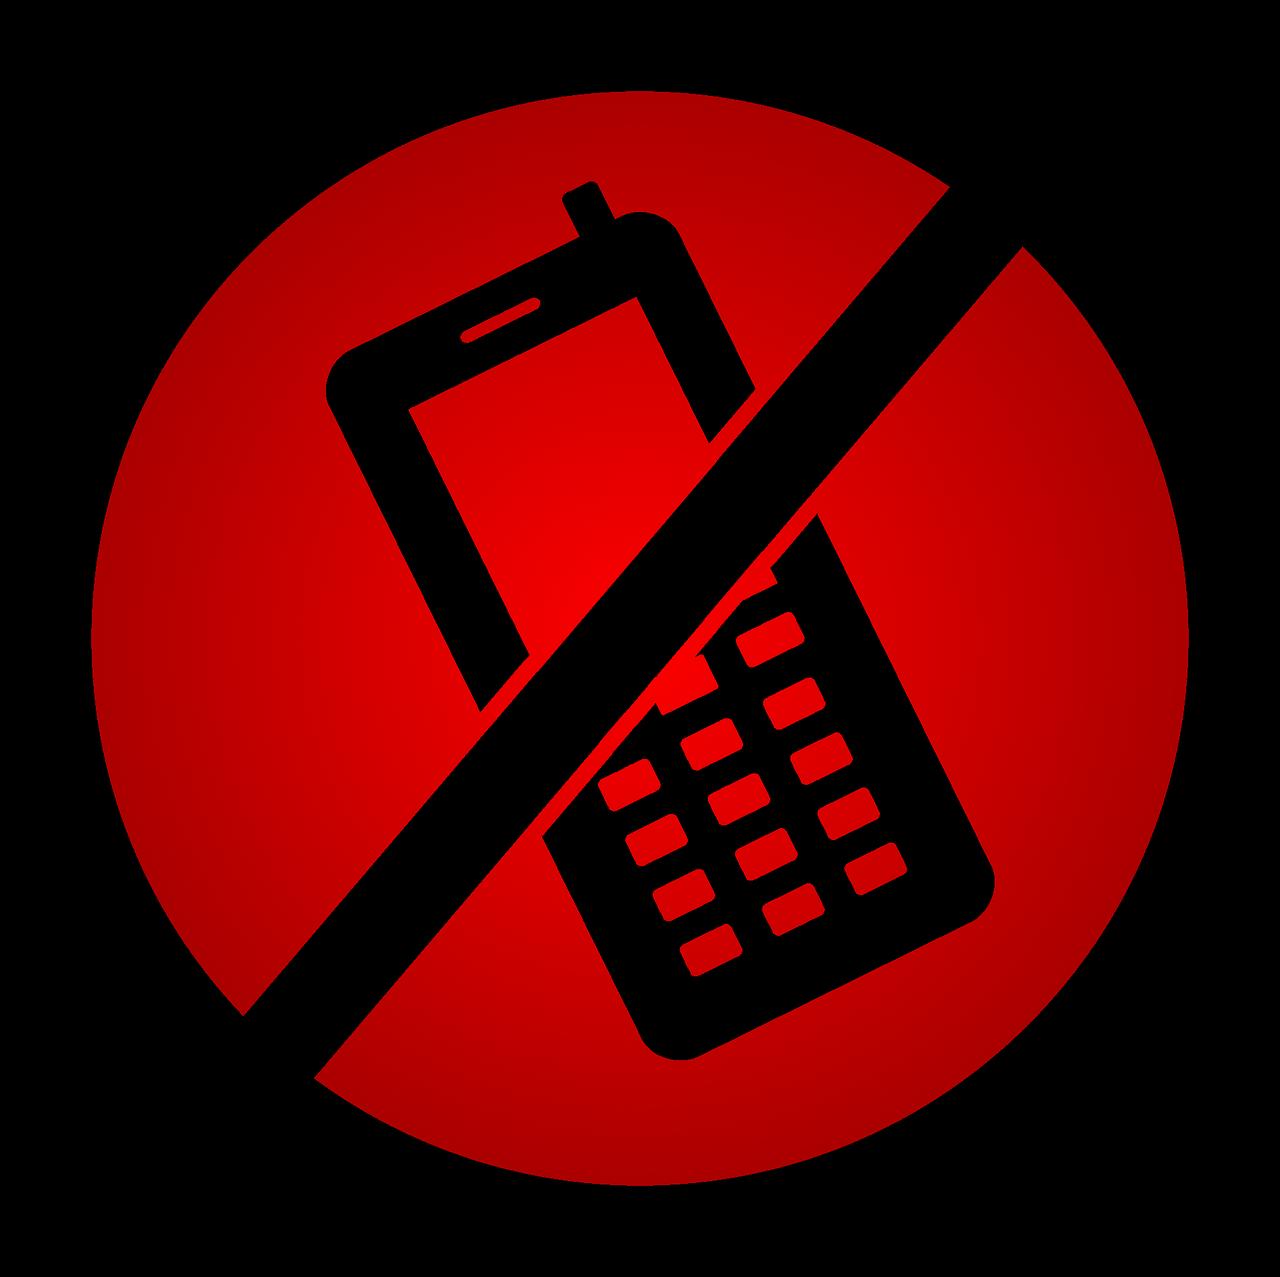 Картинки мобильный телефон запрещен, оформить